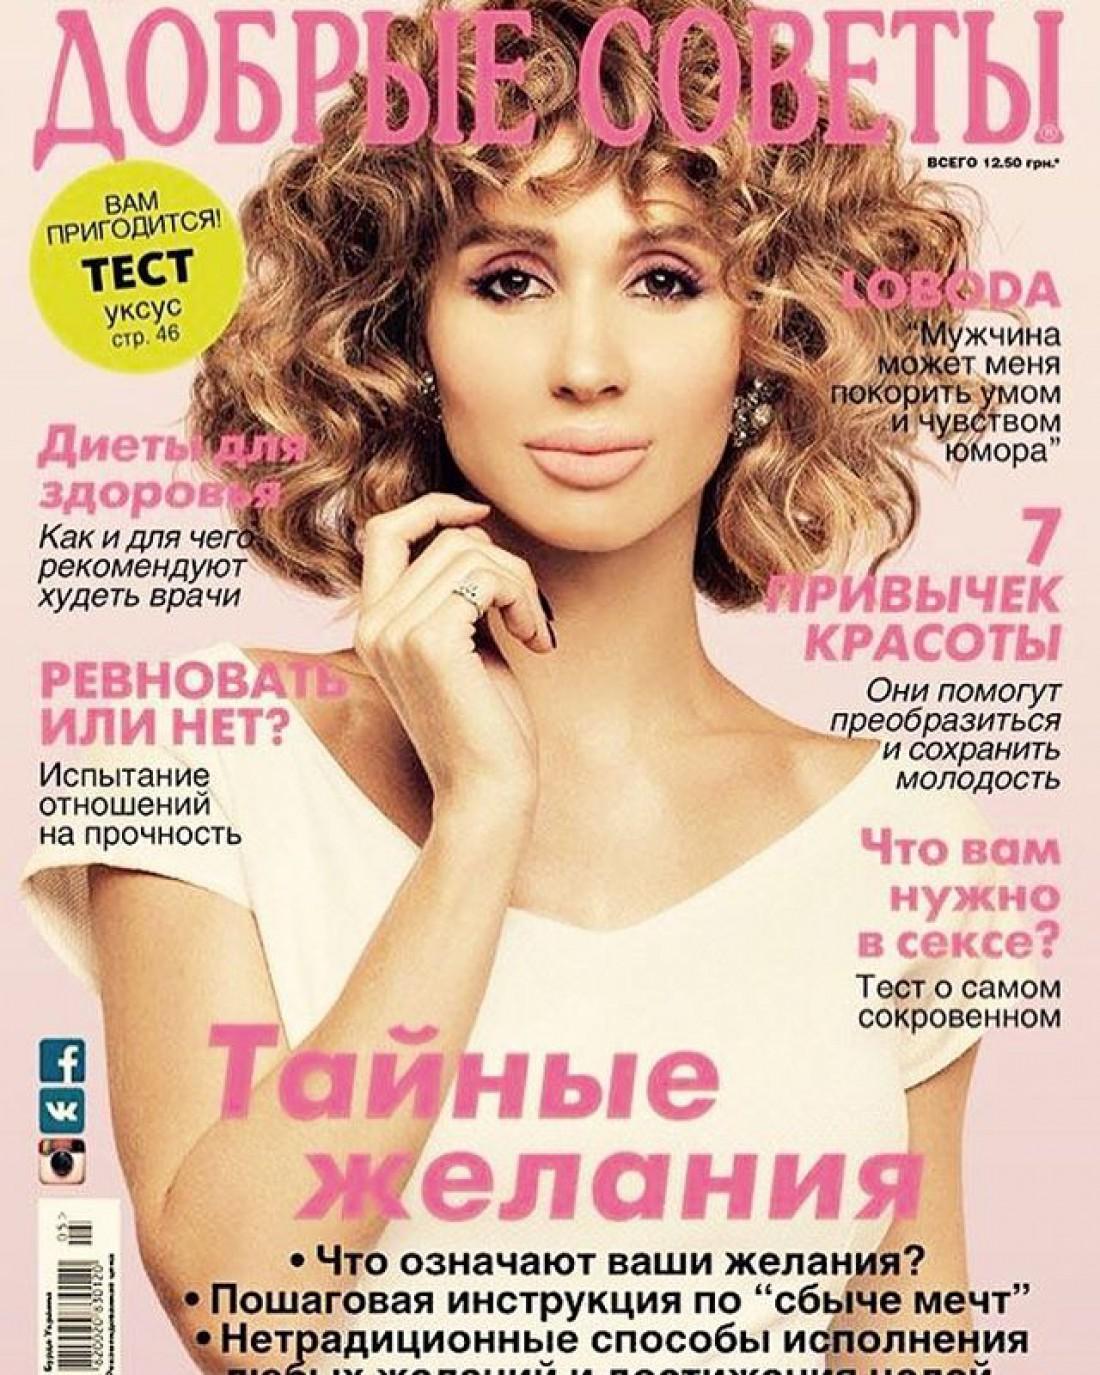 LOBODA на обложке журнала